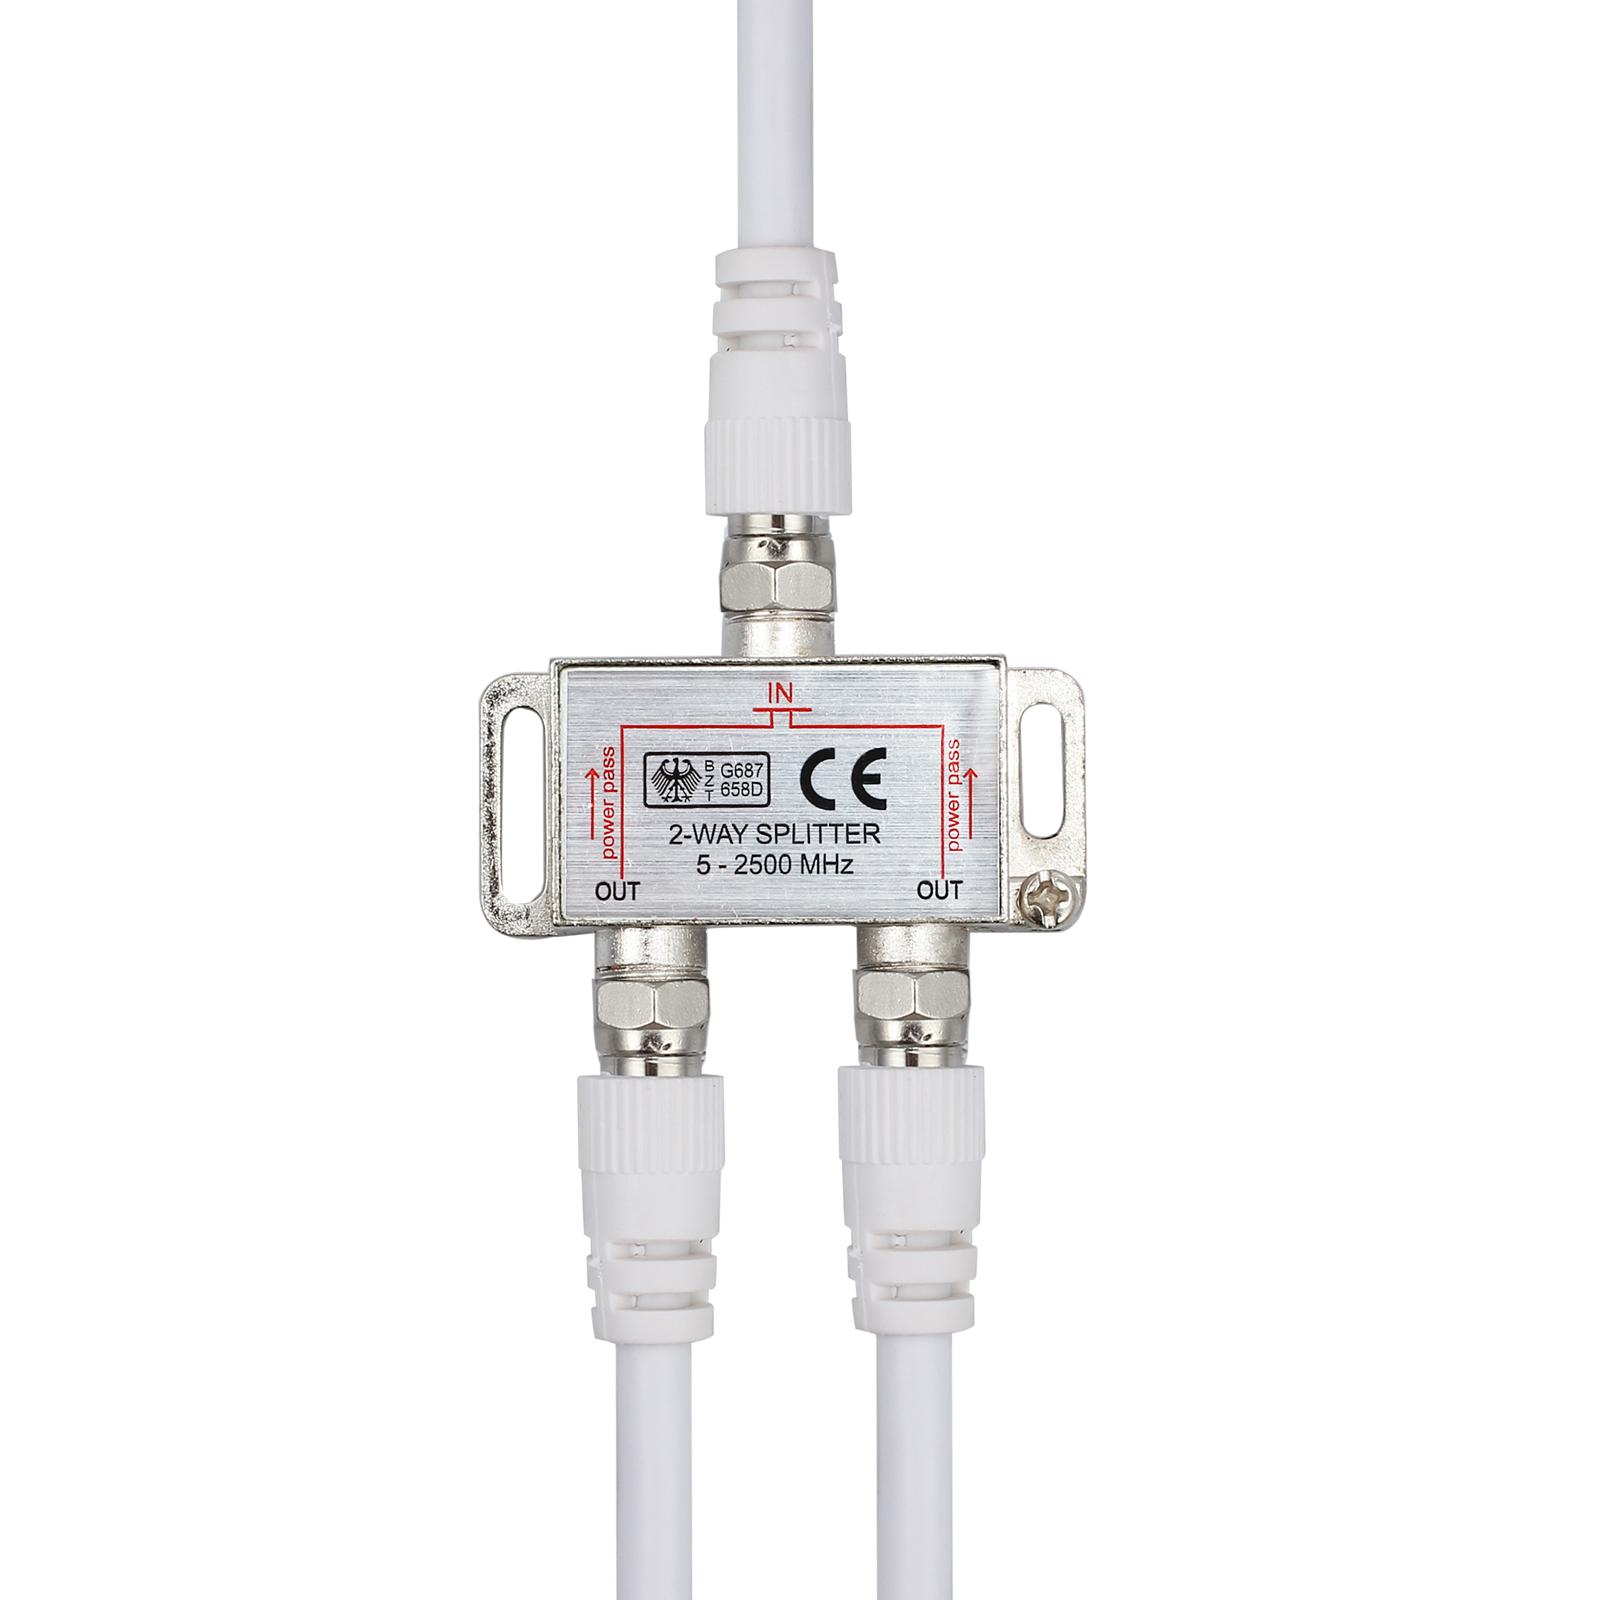 2 fach tv antennenverteiler verteiler tv bk sat splitter f stecker adapter kabel ebay. Black Bedroom Furniture Sets. Home Design Ideas